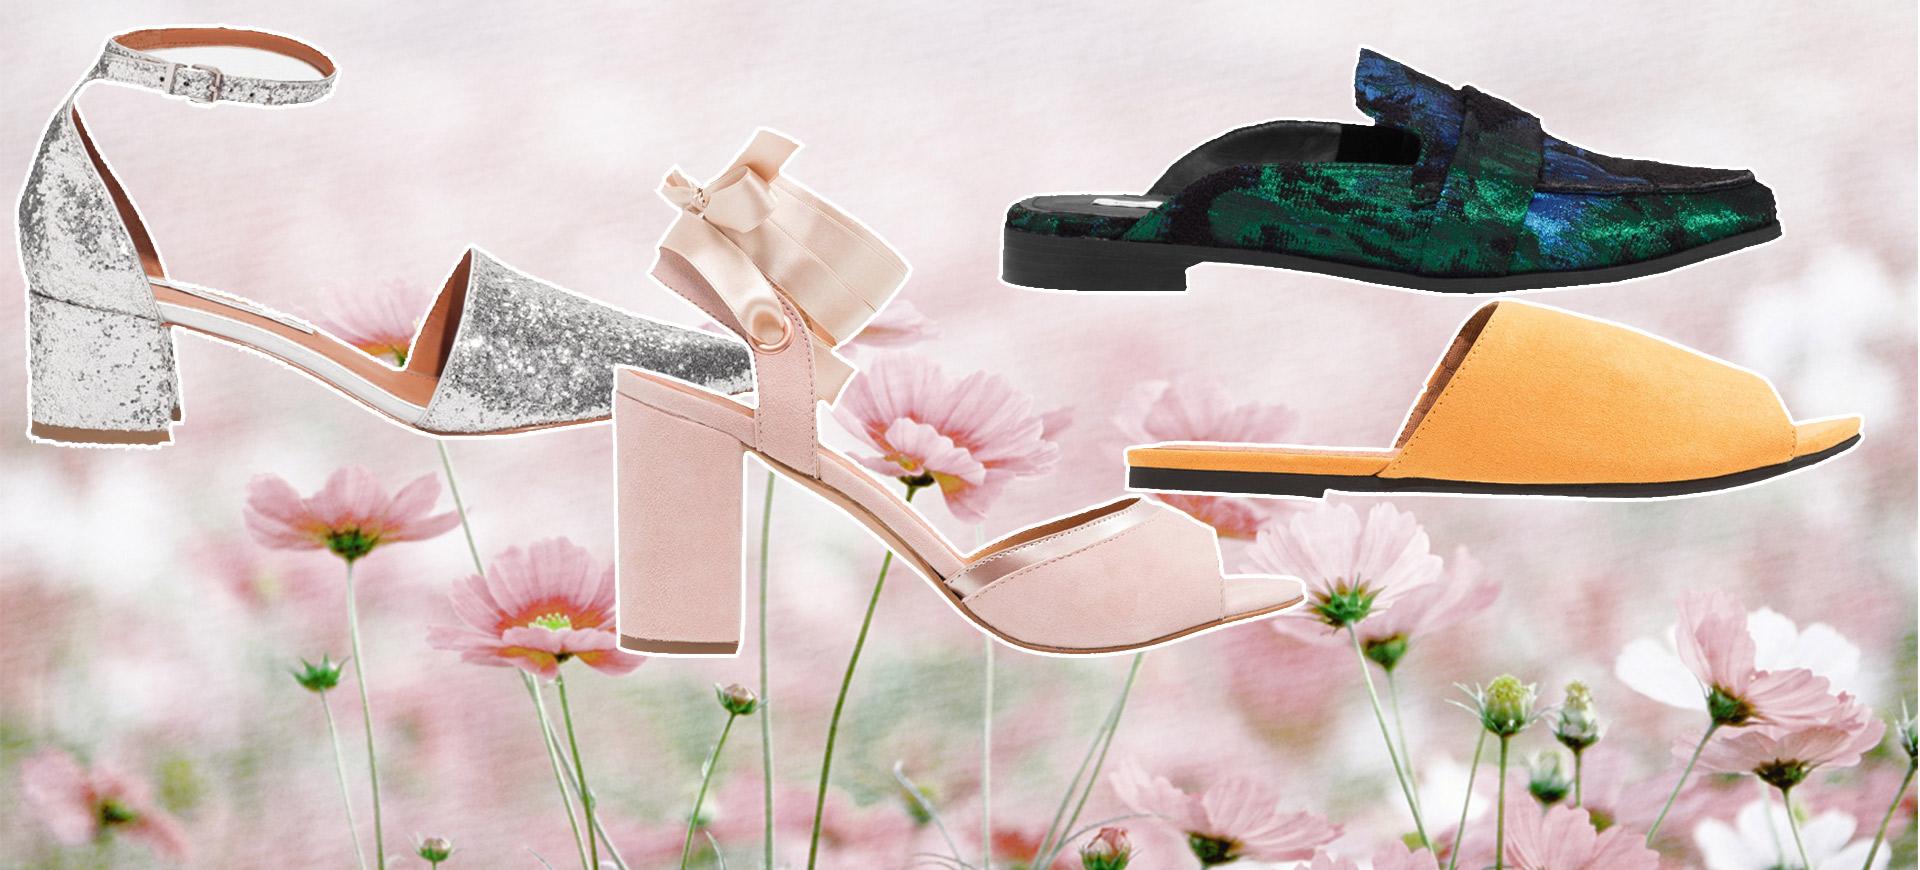 sommarskor för dam 2017: sandaler, slip-ins, klackar, flip flops, ballerina.